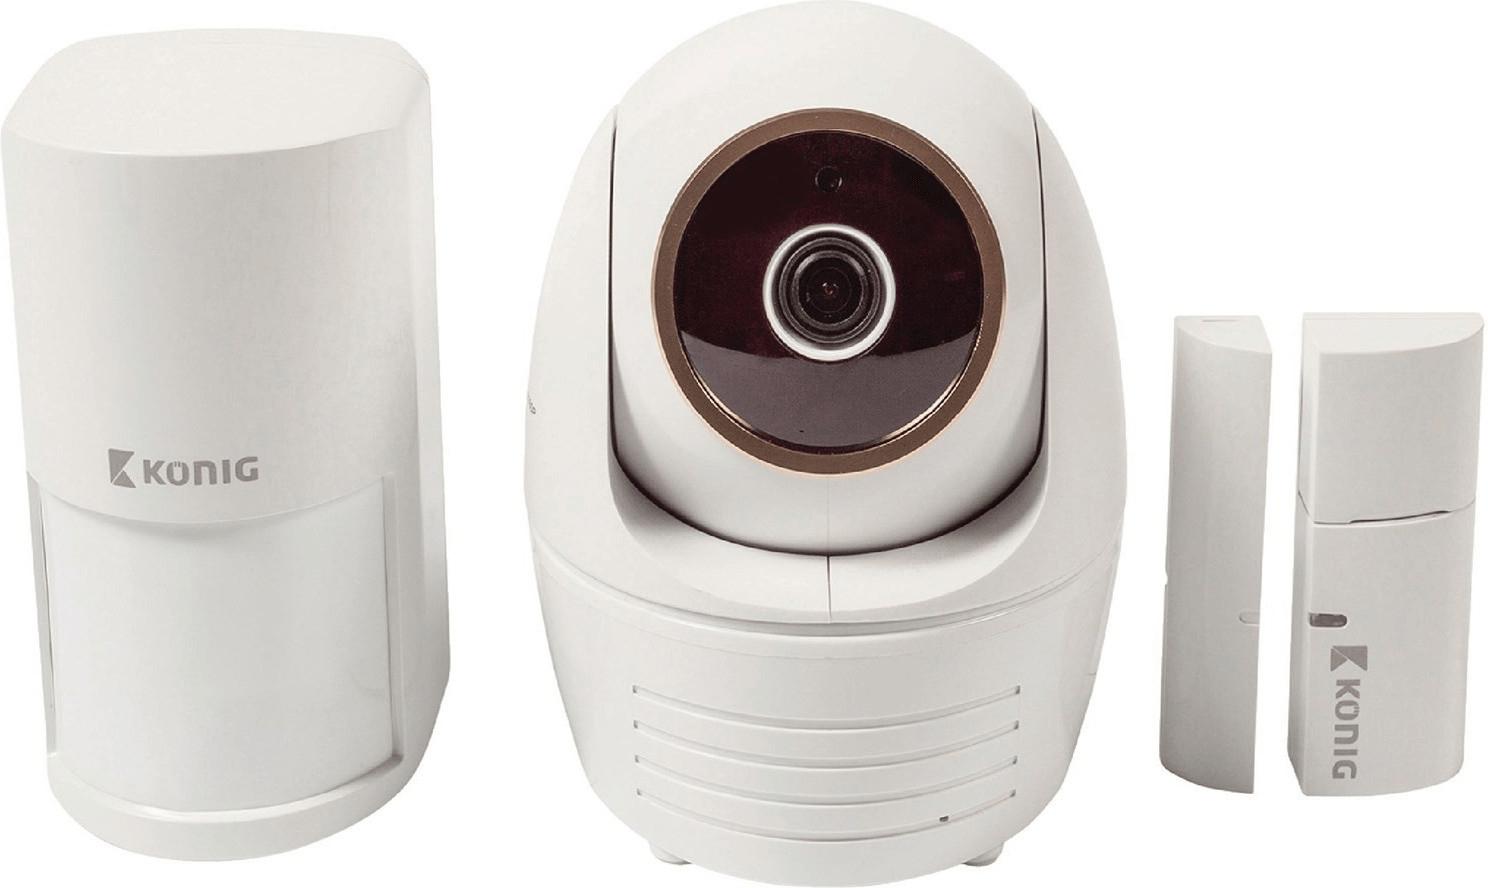 König SAS-SETIPC011W WLAN IP Überwachungskamera-Set (Full HD-Kamera mit Nachtsicht, PIR-Bewegungssensor, Tür-/Fenstersensor)